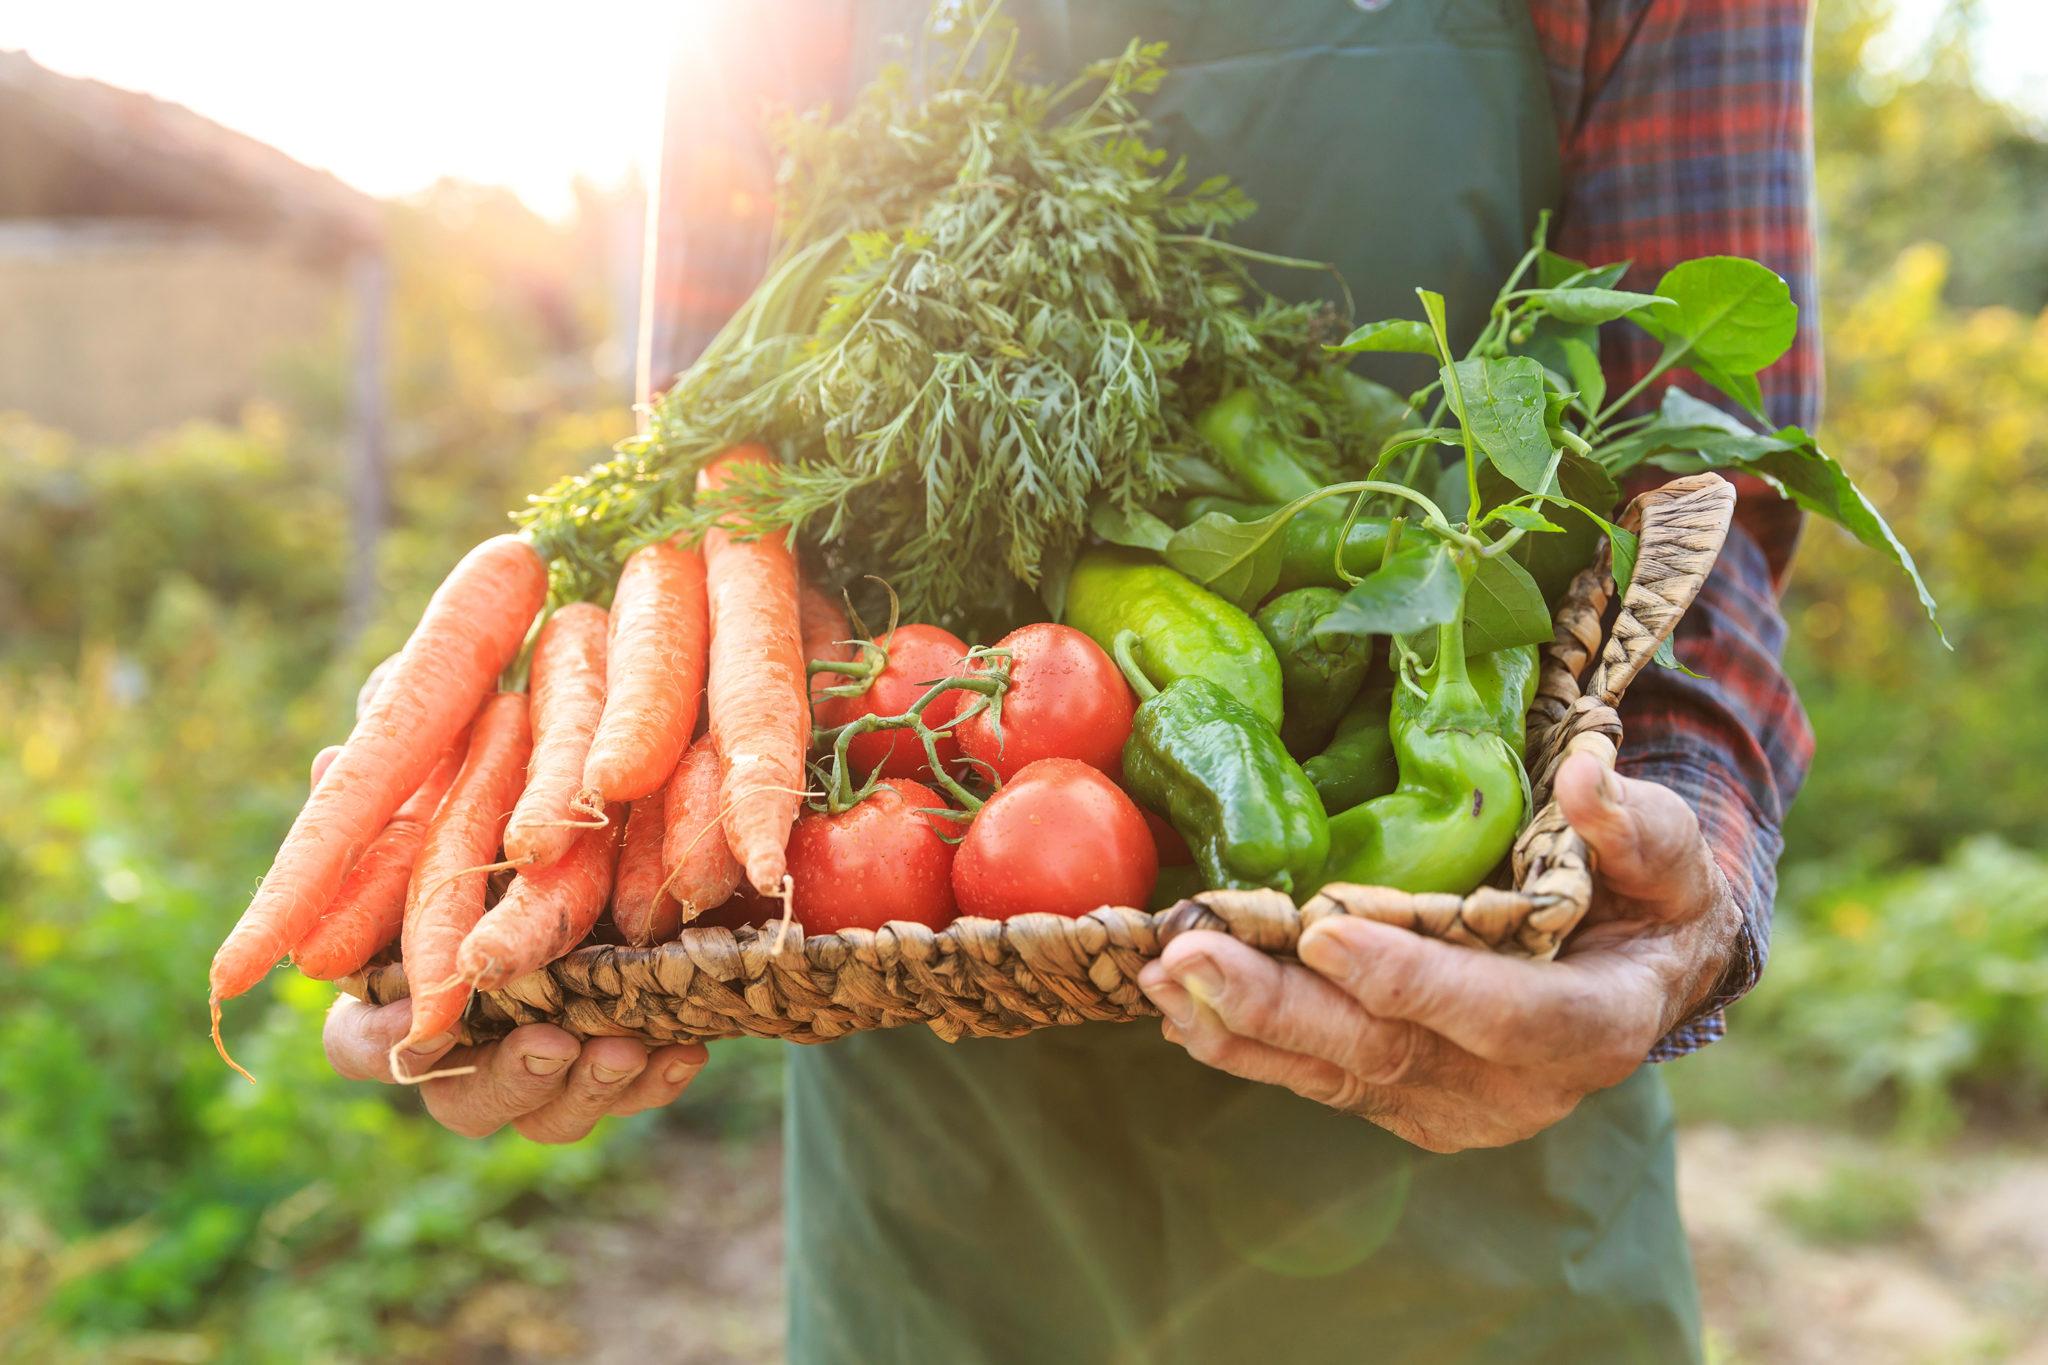 Kinh doanh online thực phẩm sạch cần chú ý những điều gì ảnh 2